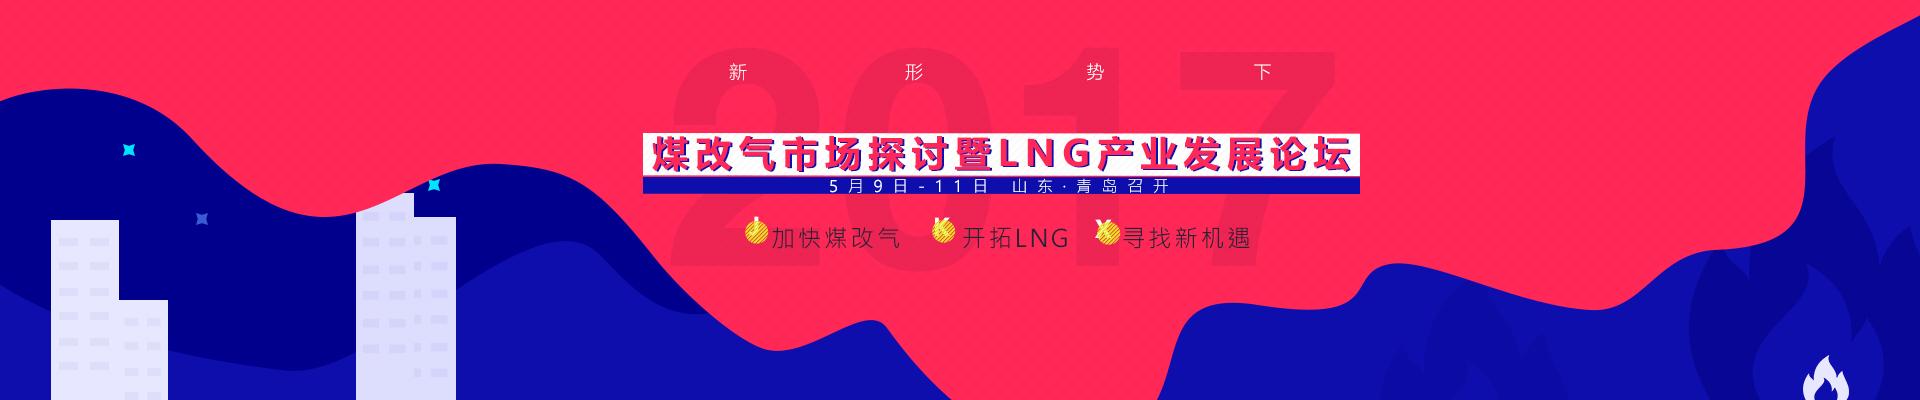 新形势下2017煤改气市场探讨暨LNG产业发展论坛